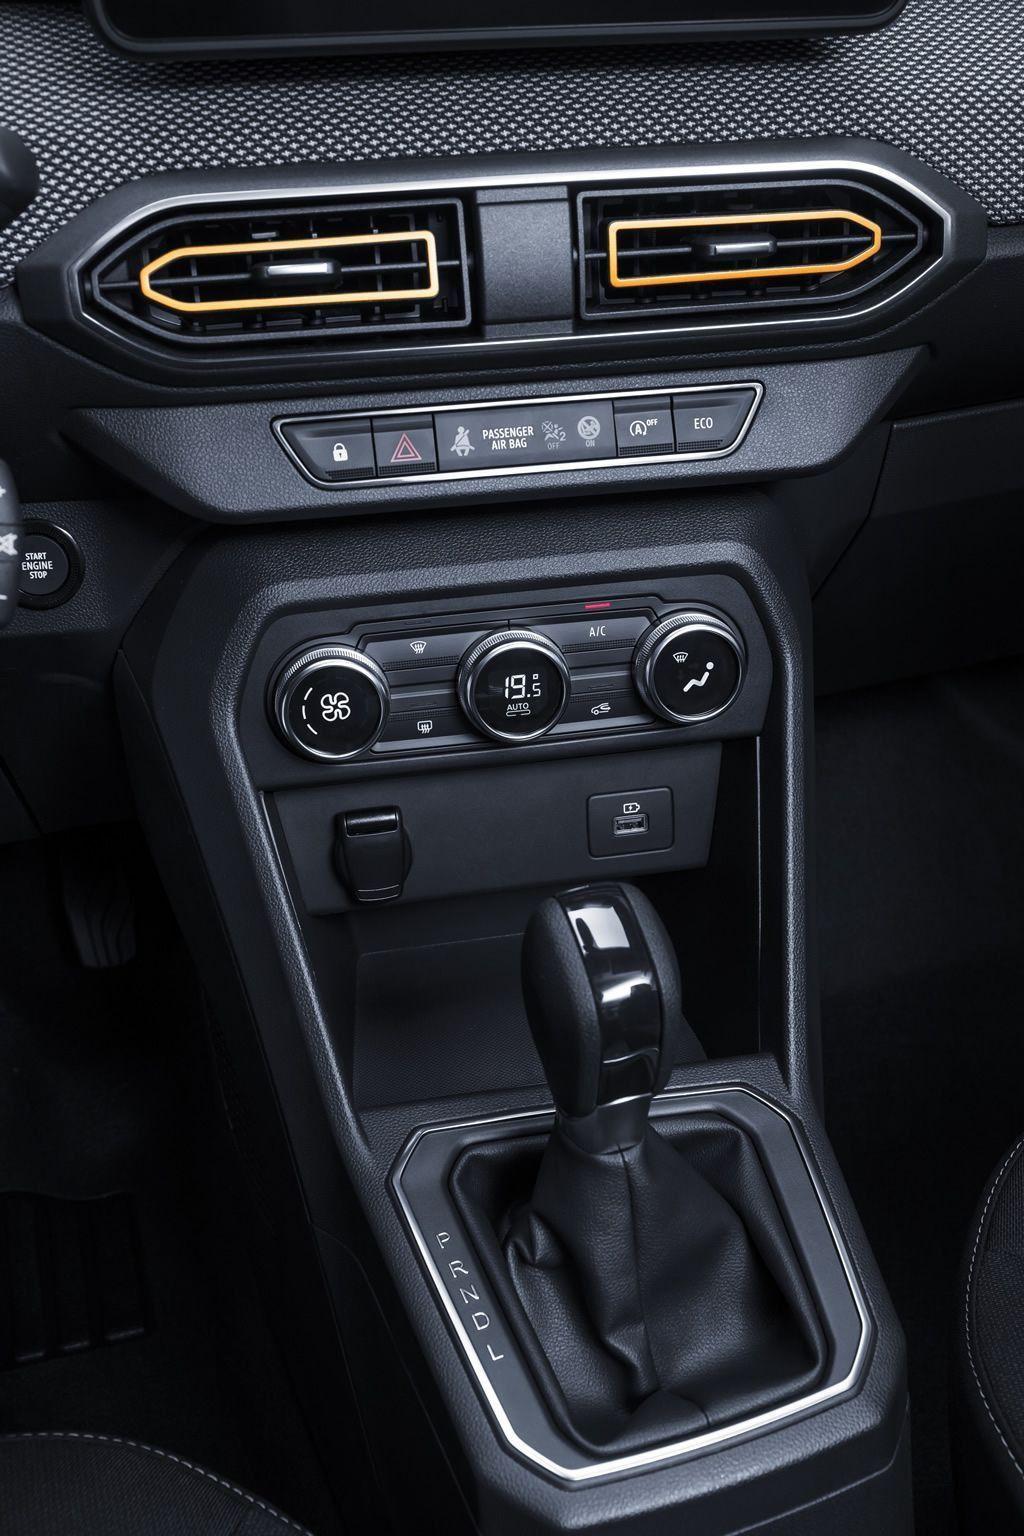 2021 Dacia Sandero fiyatları yükselişte! İşte yeni fiyatlar! - Page 4